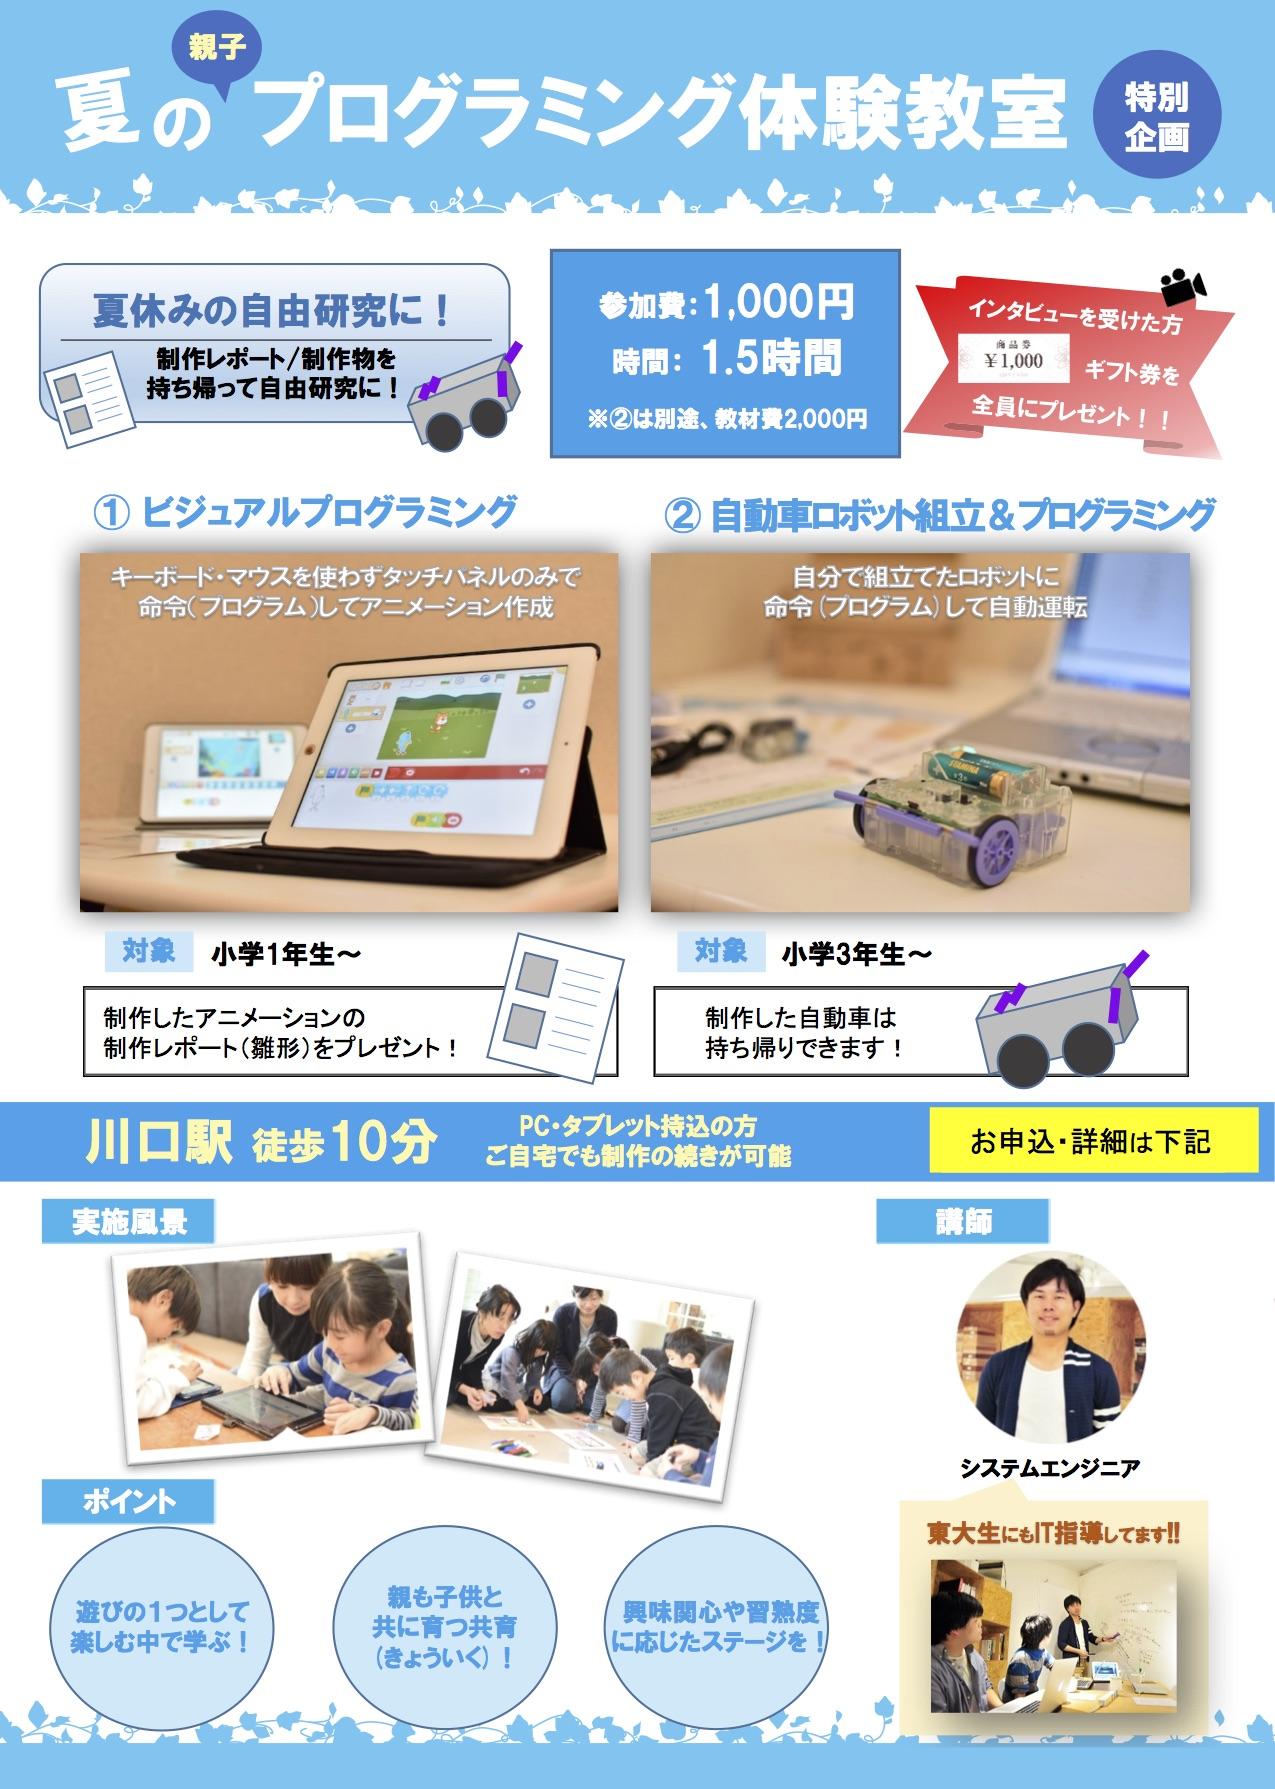 【夏休みの自由研究に!】親子プログラミング体験教室〜夏の特別企画〜